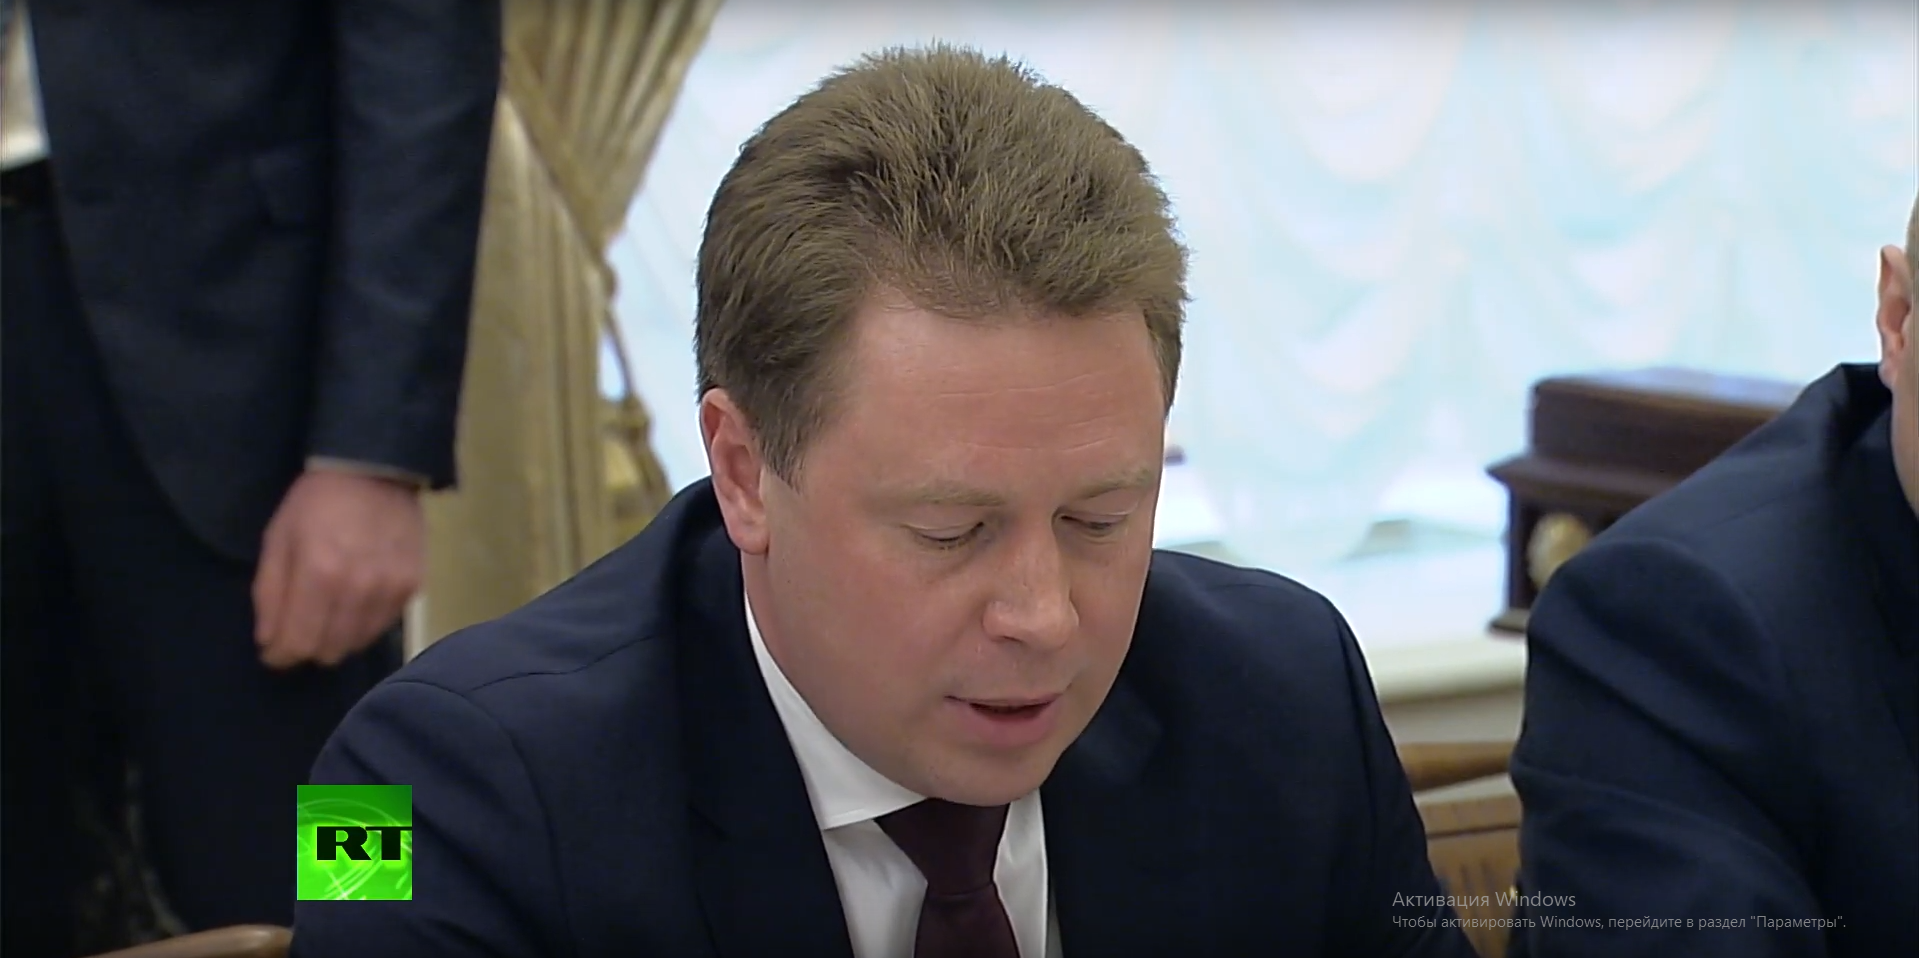 Увольнение Овсянникова по собственному желанию запланировано на 29 мая (не подтверждено)